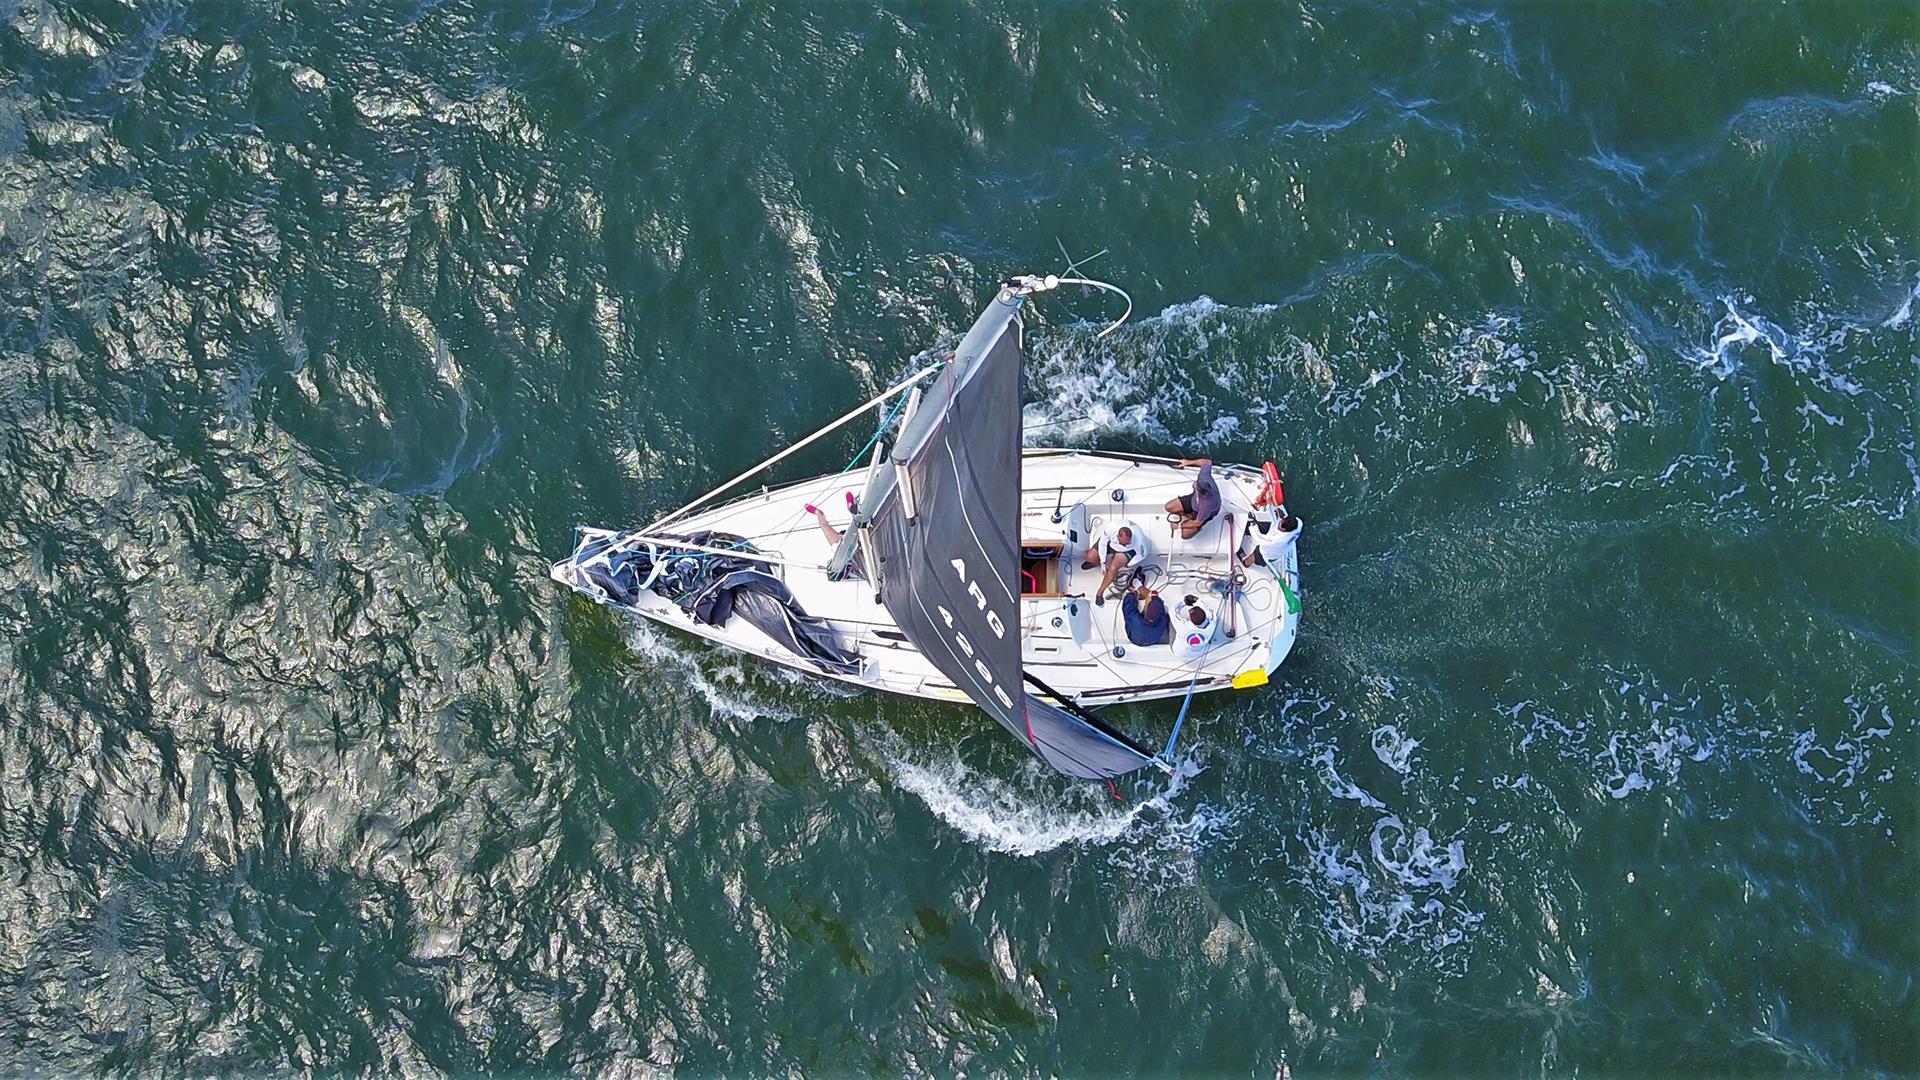 La regata congrega a destacados regatistas de Sudamérica que someten a prueba su resistencia y el trabajo en equipo para alcanzar la meta de 170 millas náuticas o 310 km de recorrido